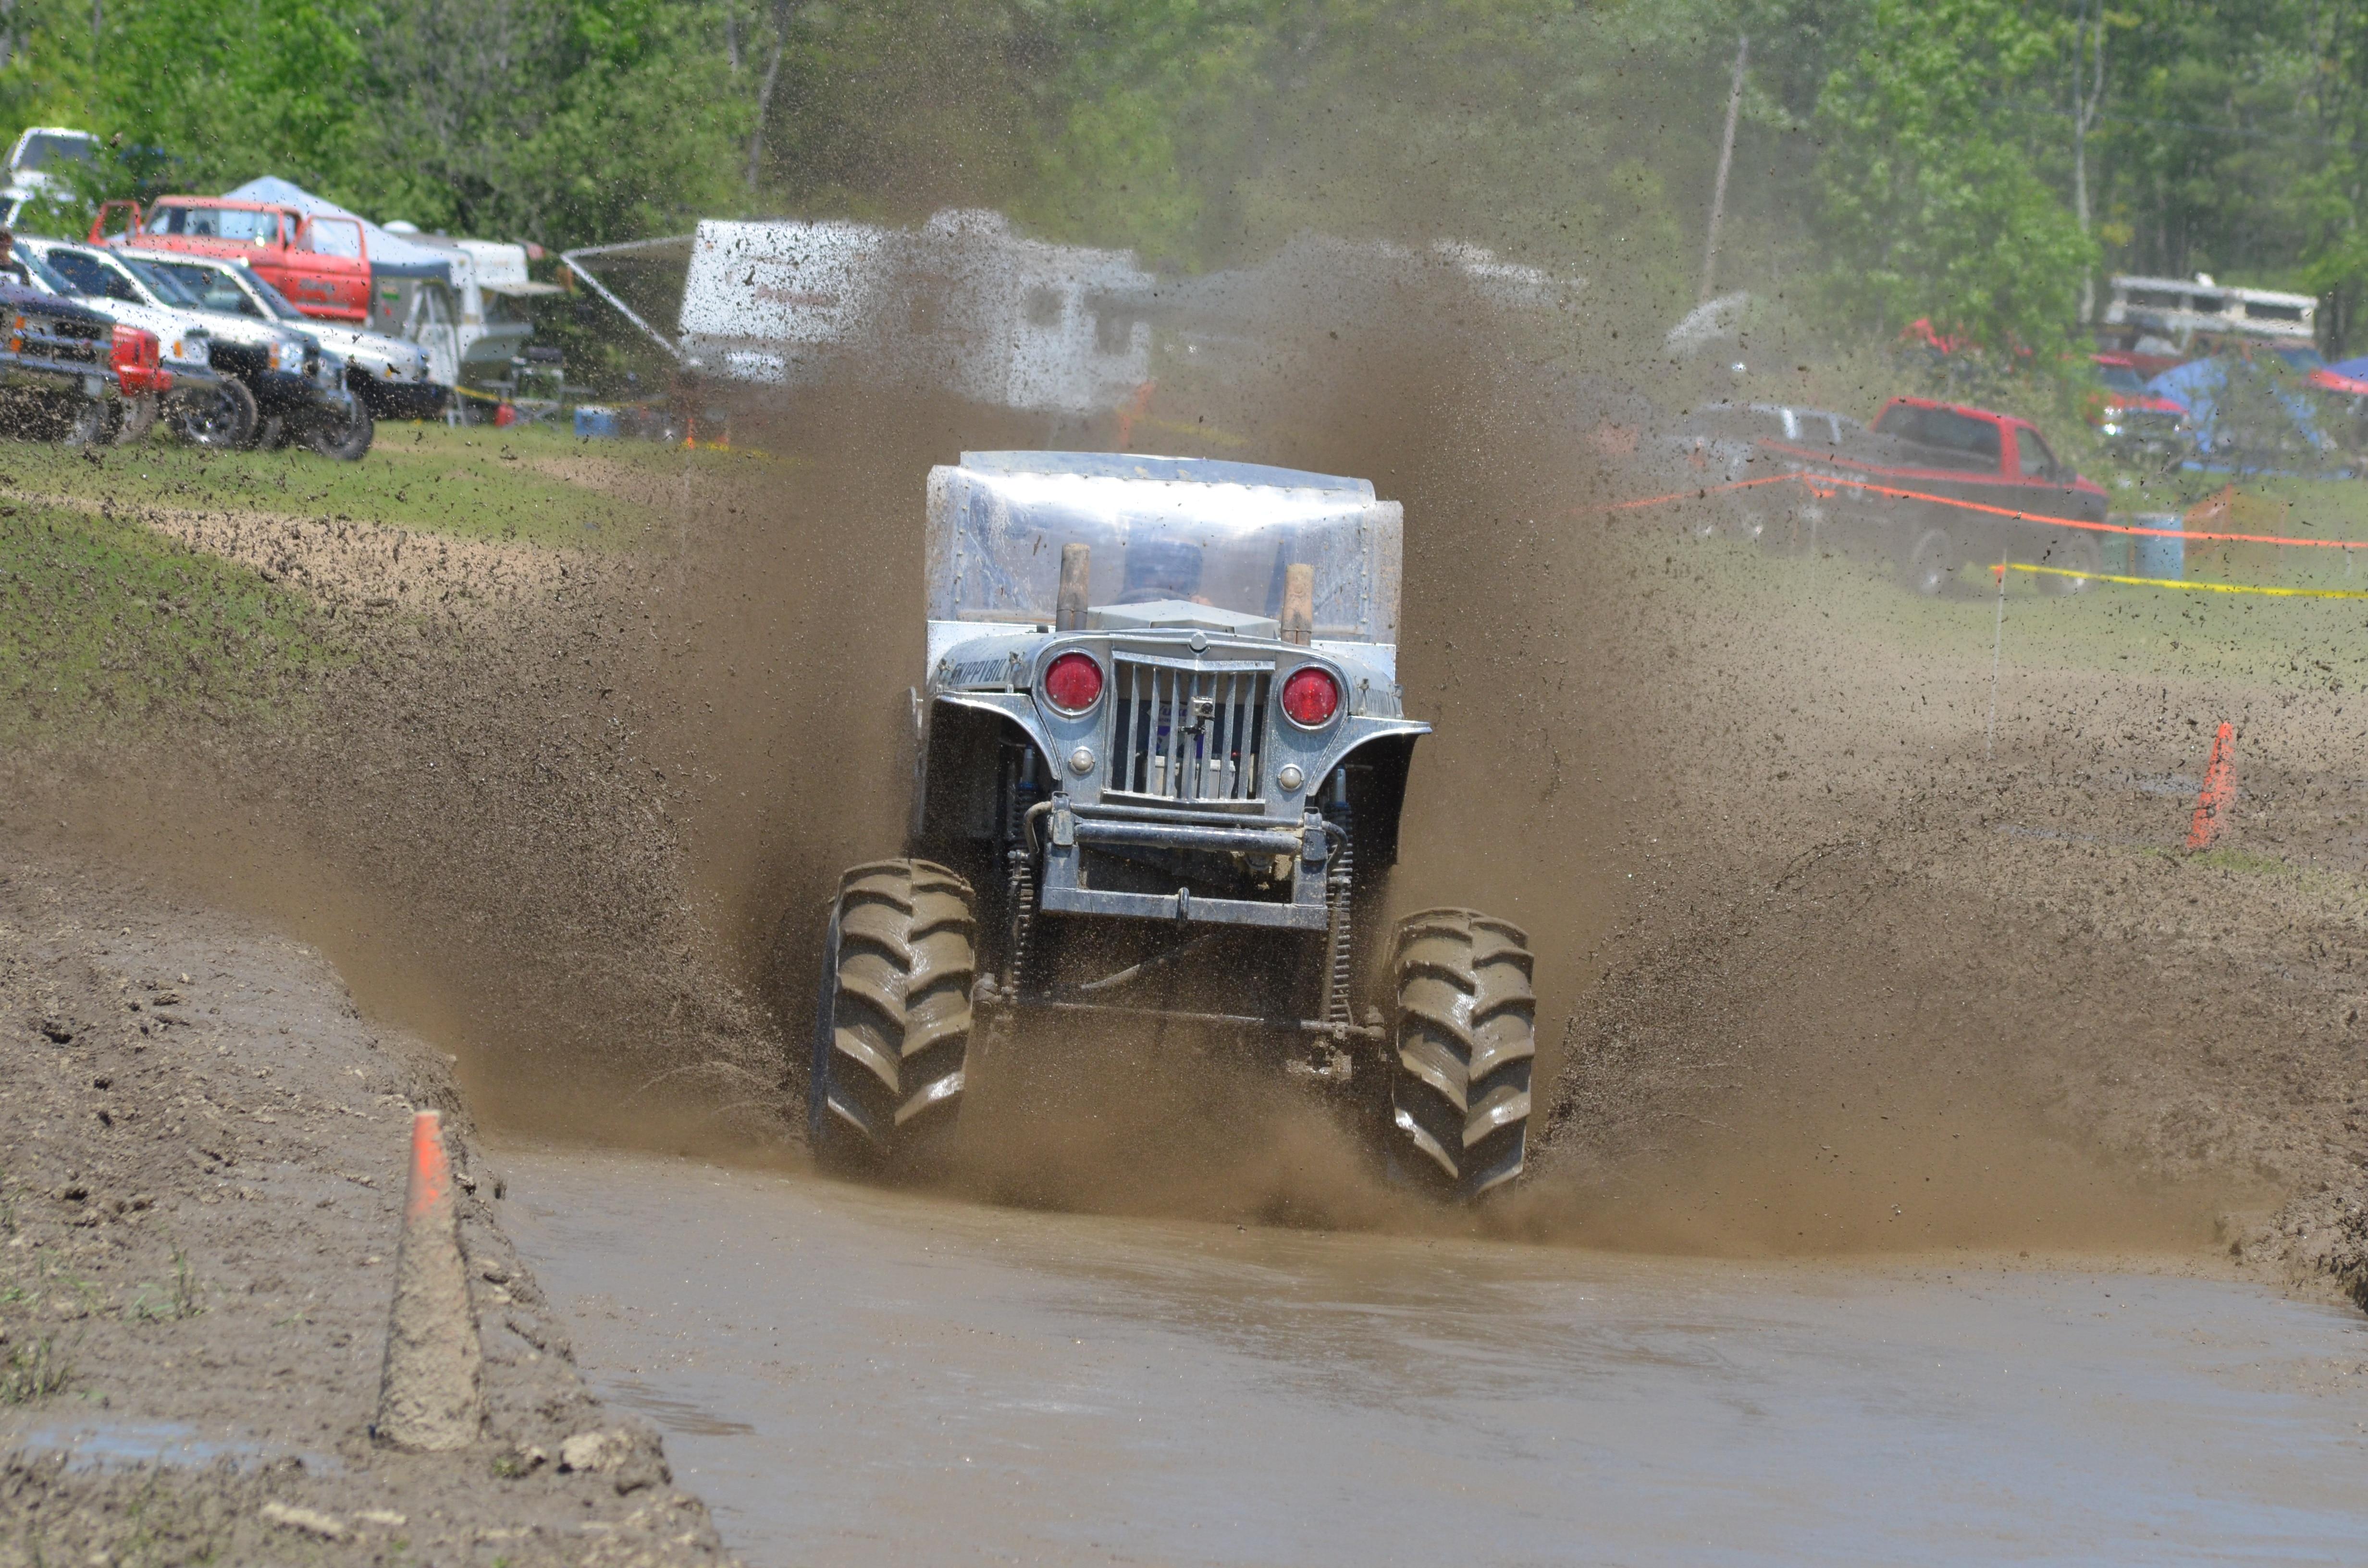 custom willys mud rig racing in mud pit.JPG